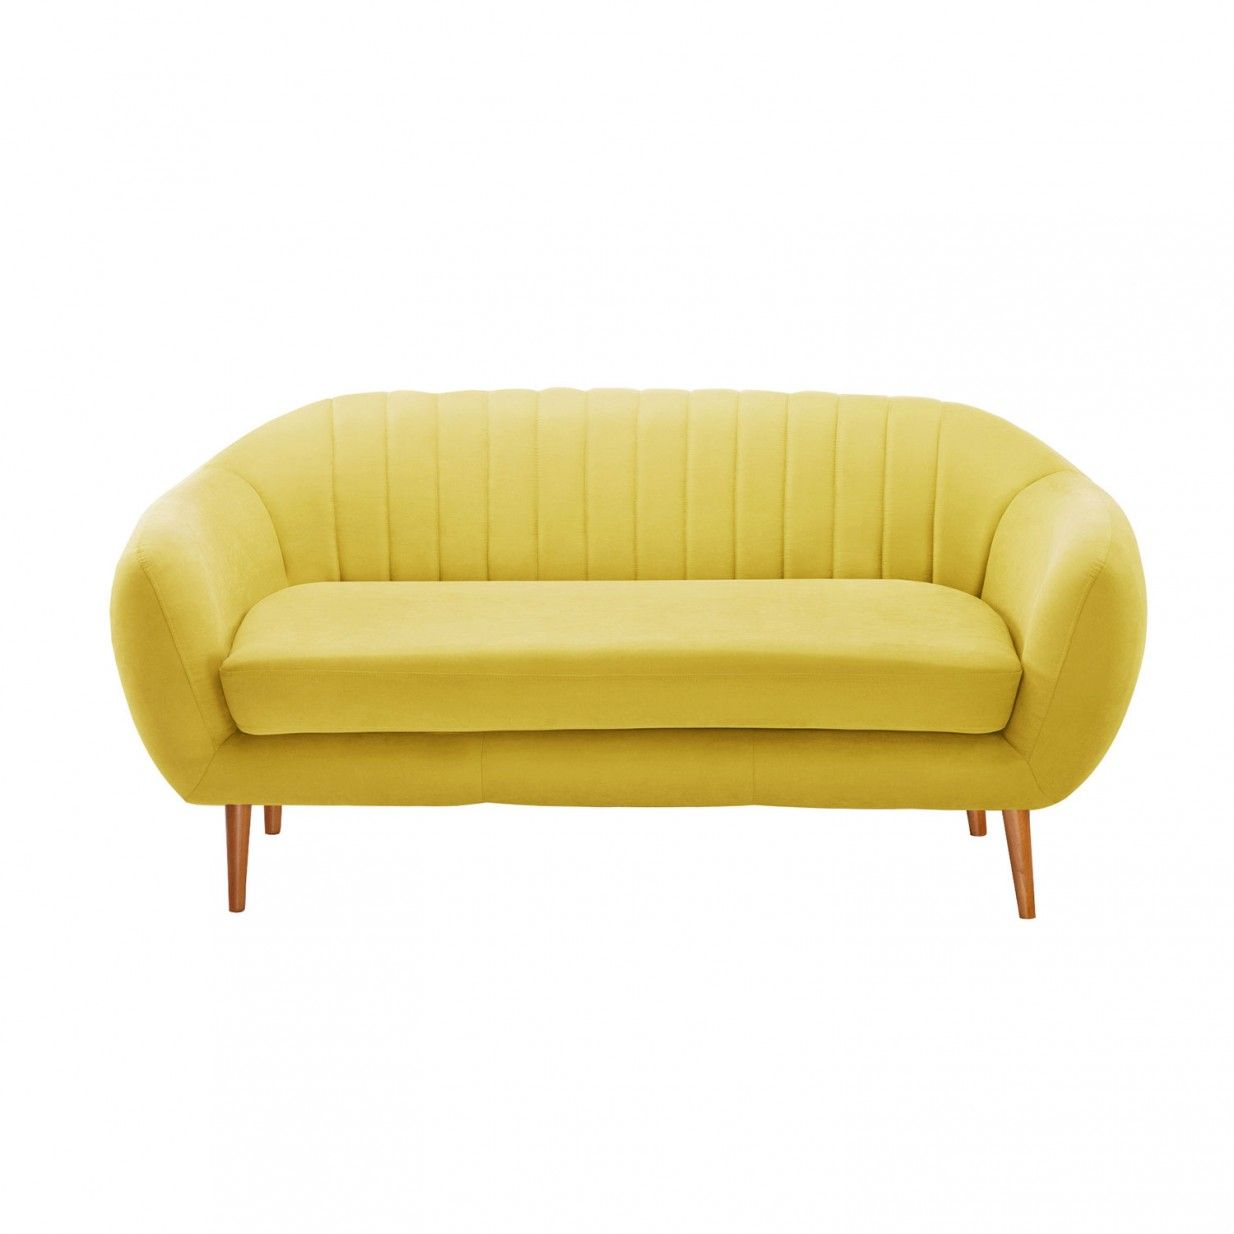 3 Sitzer Gelb Scandi By Stella Cadente Studio Furniture